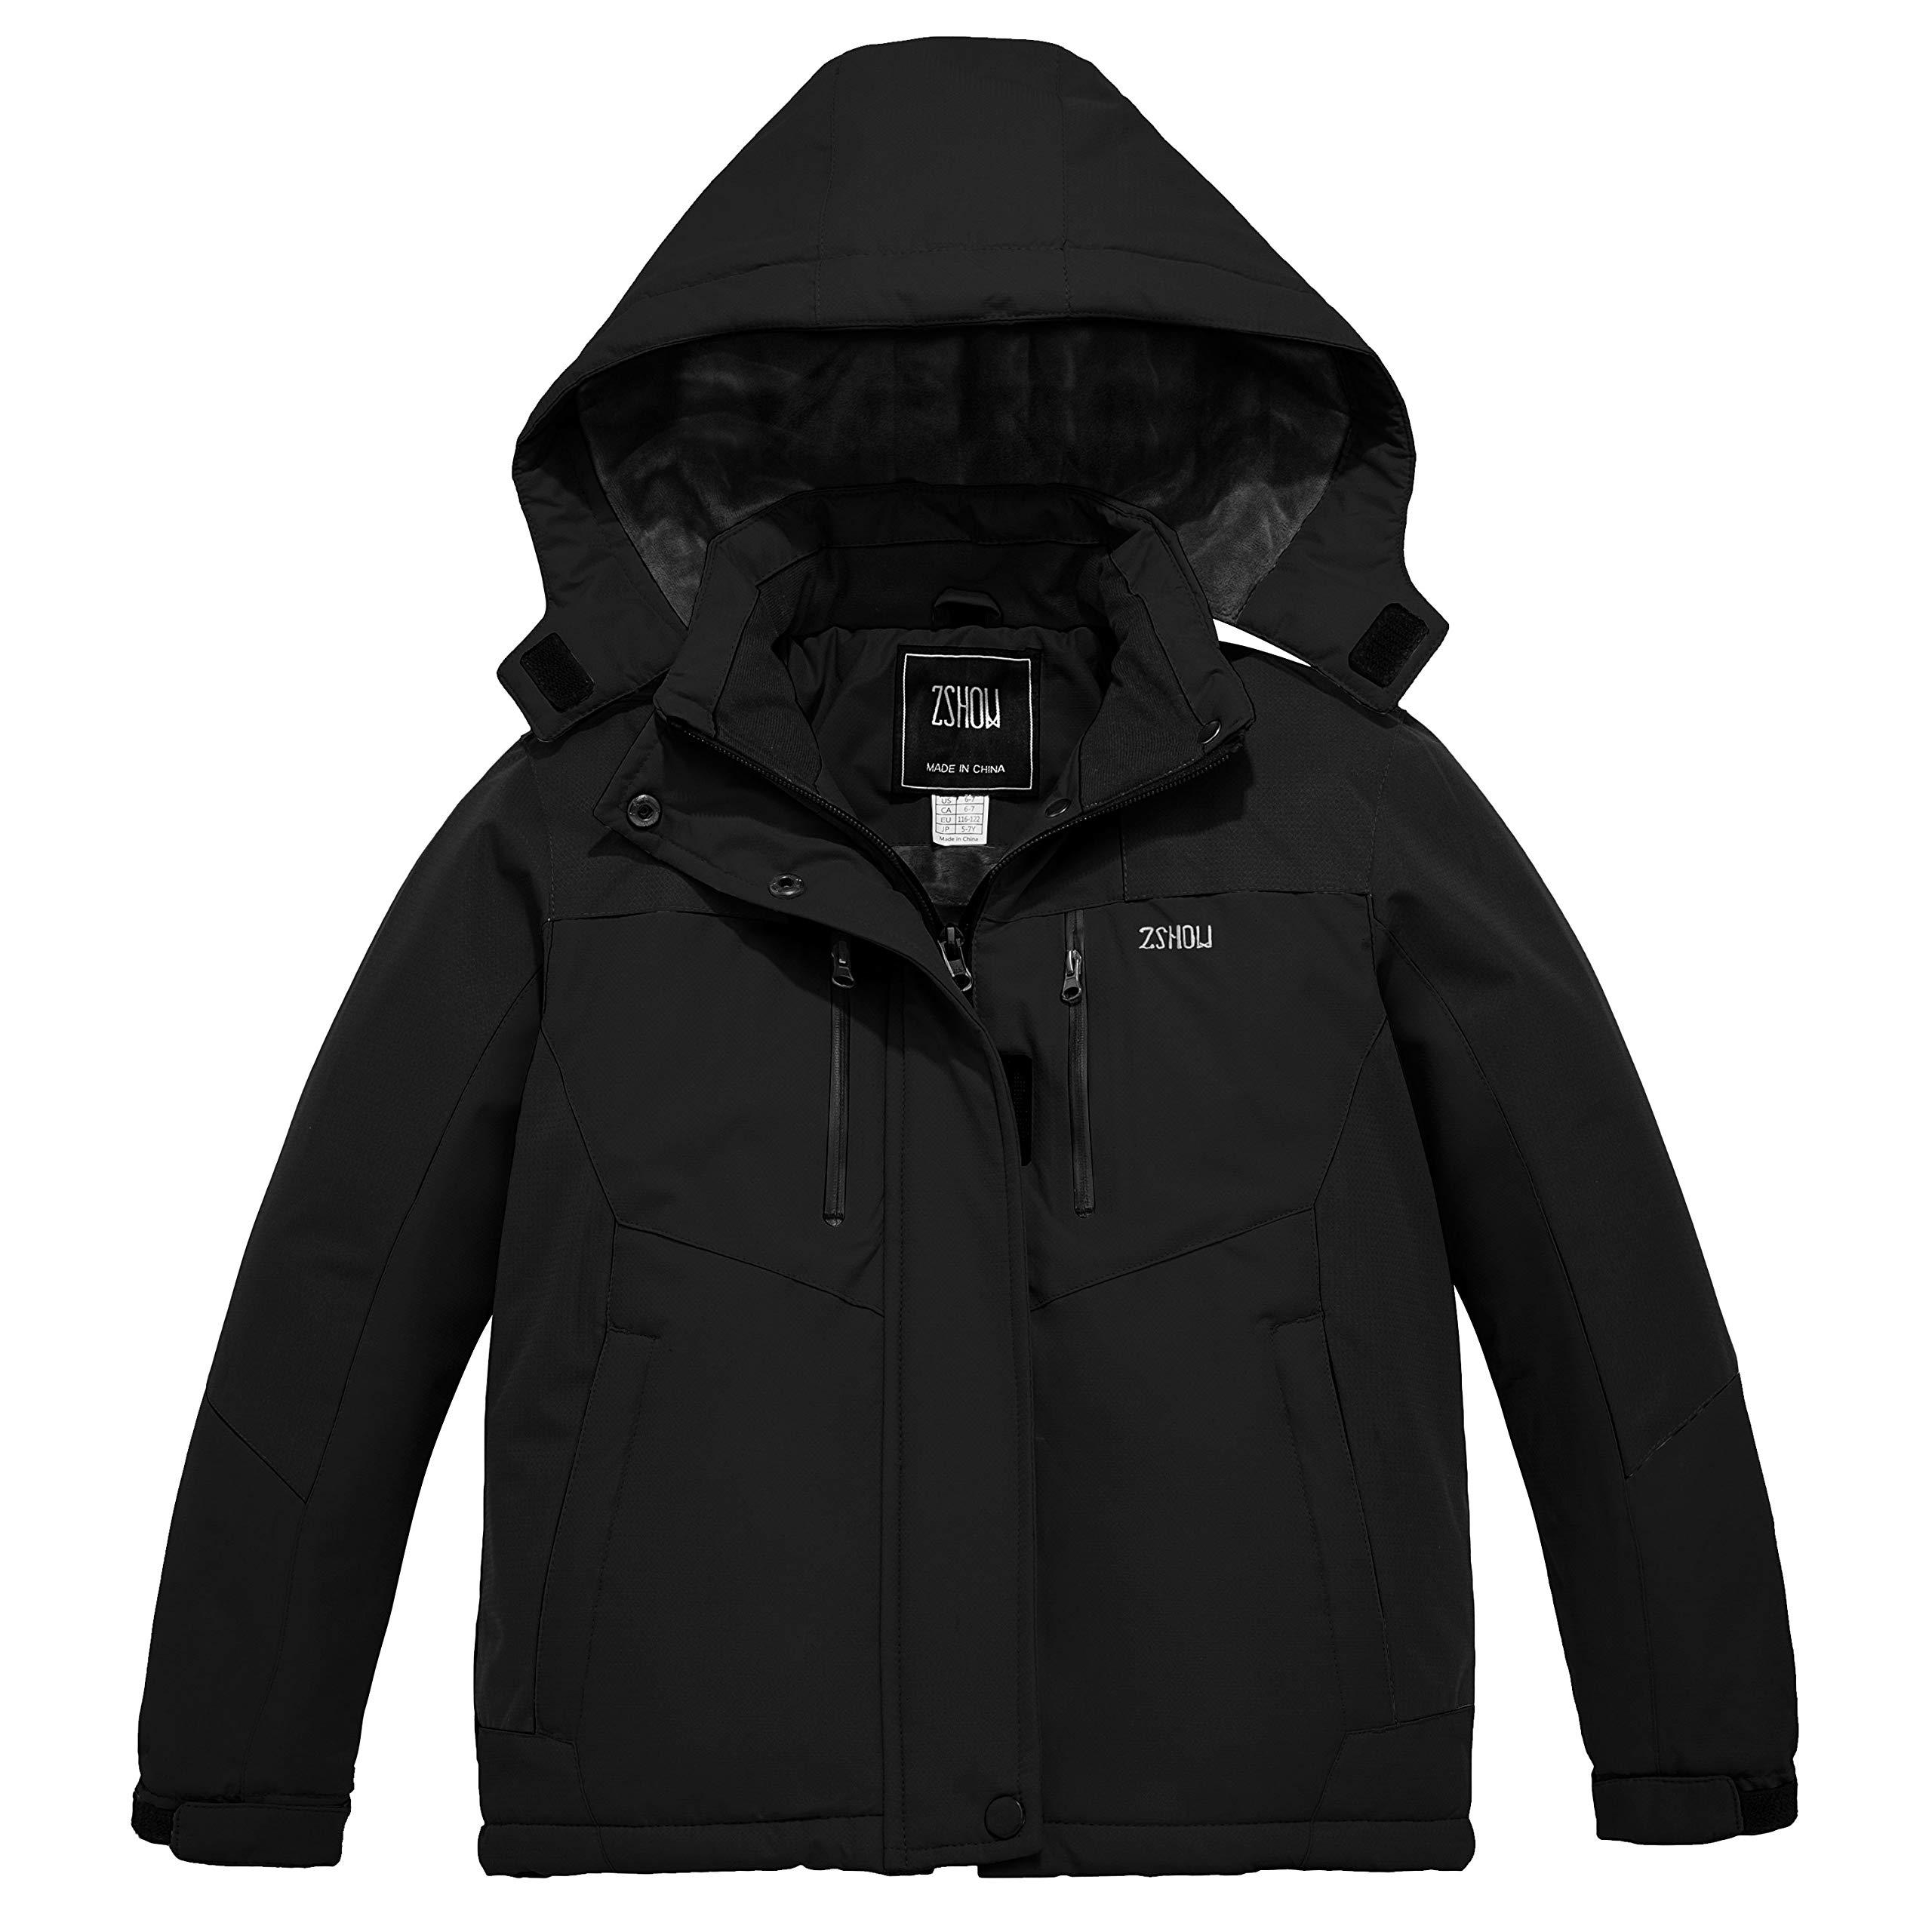 ZSHOW Girls' Waterproof Ski Jacket Warm Winter Snow Coat Fleece Raincoats